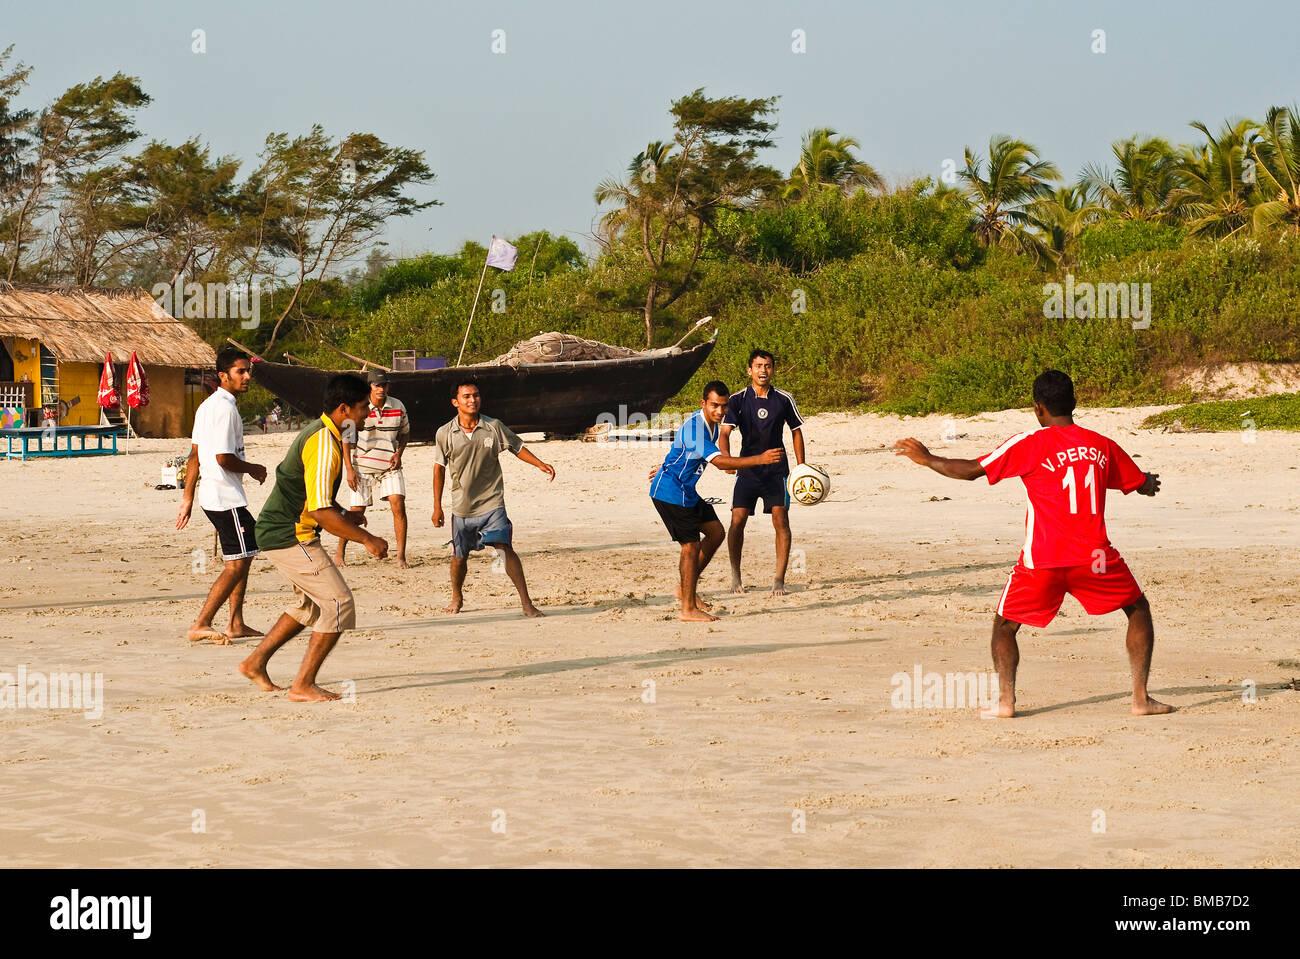 La juventud local jugando al fútbol en la playa Varca, Goa, India Imagen De Stock